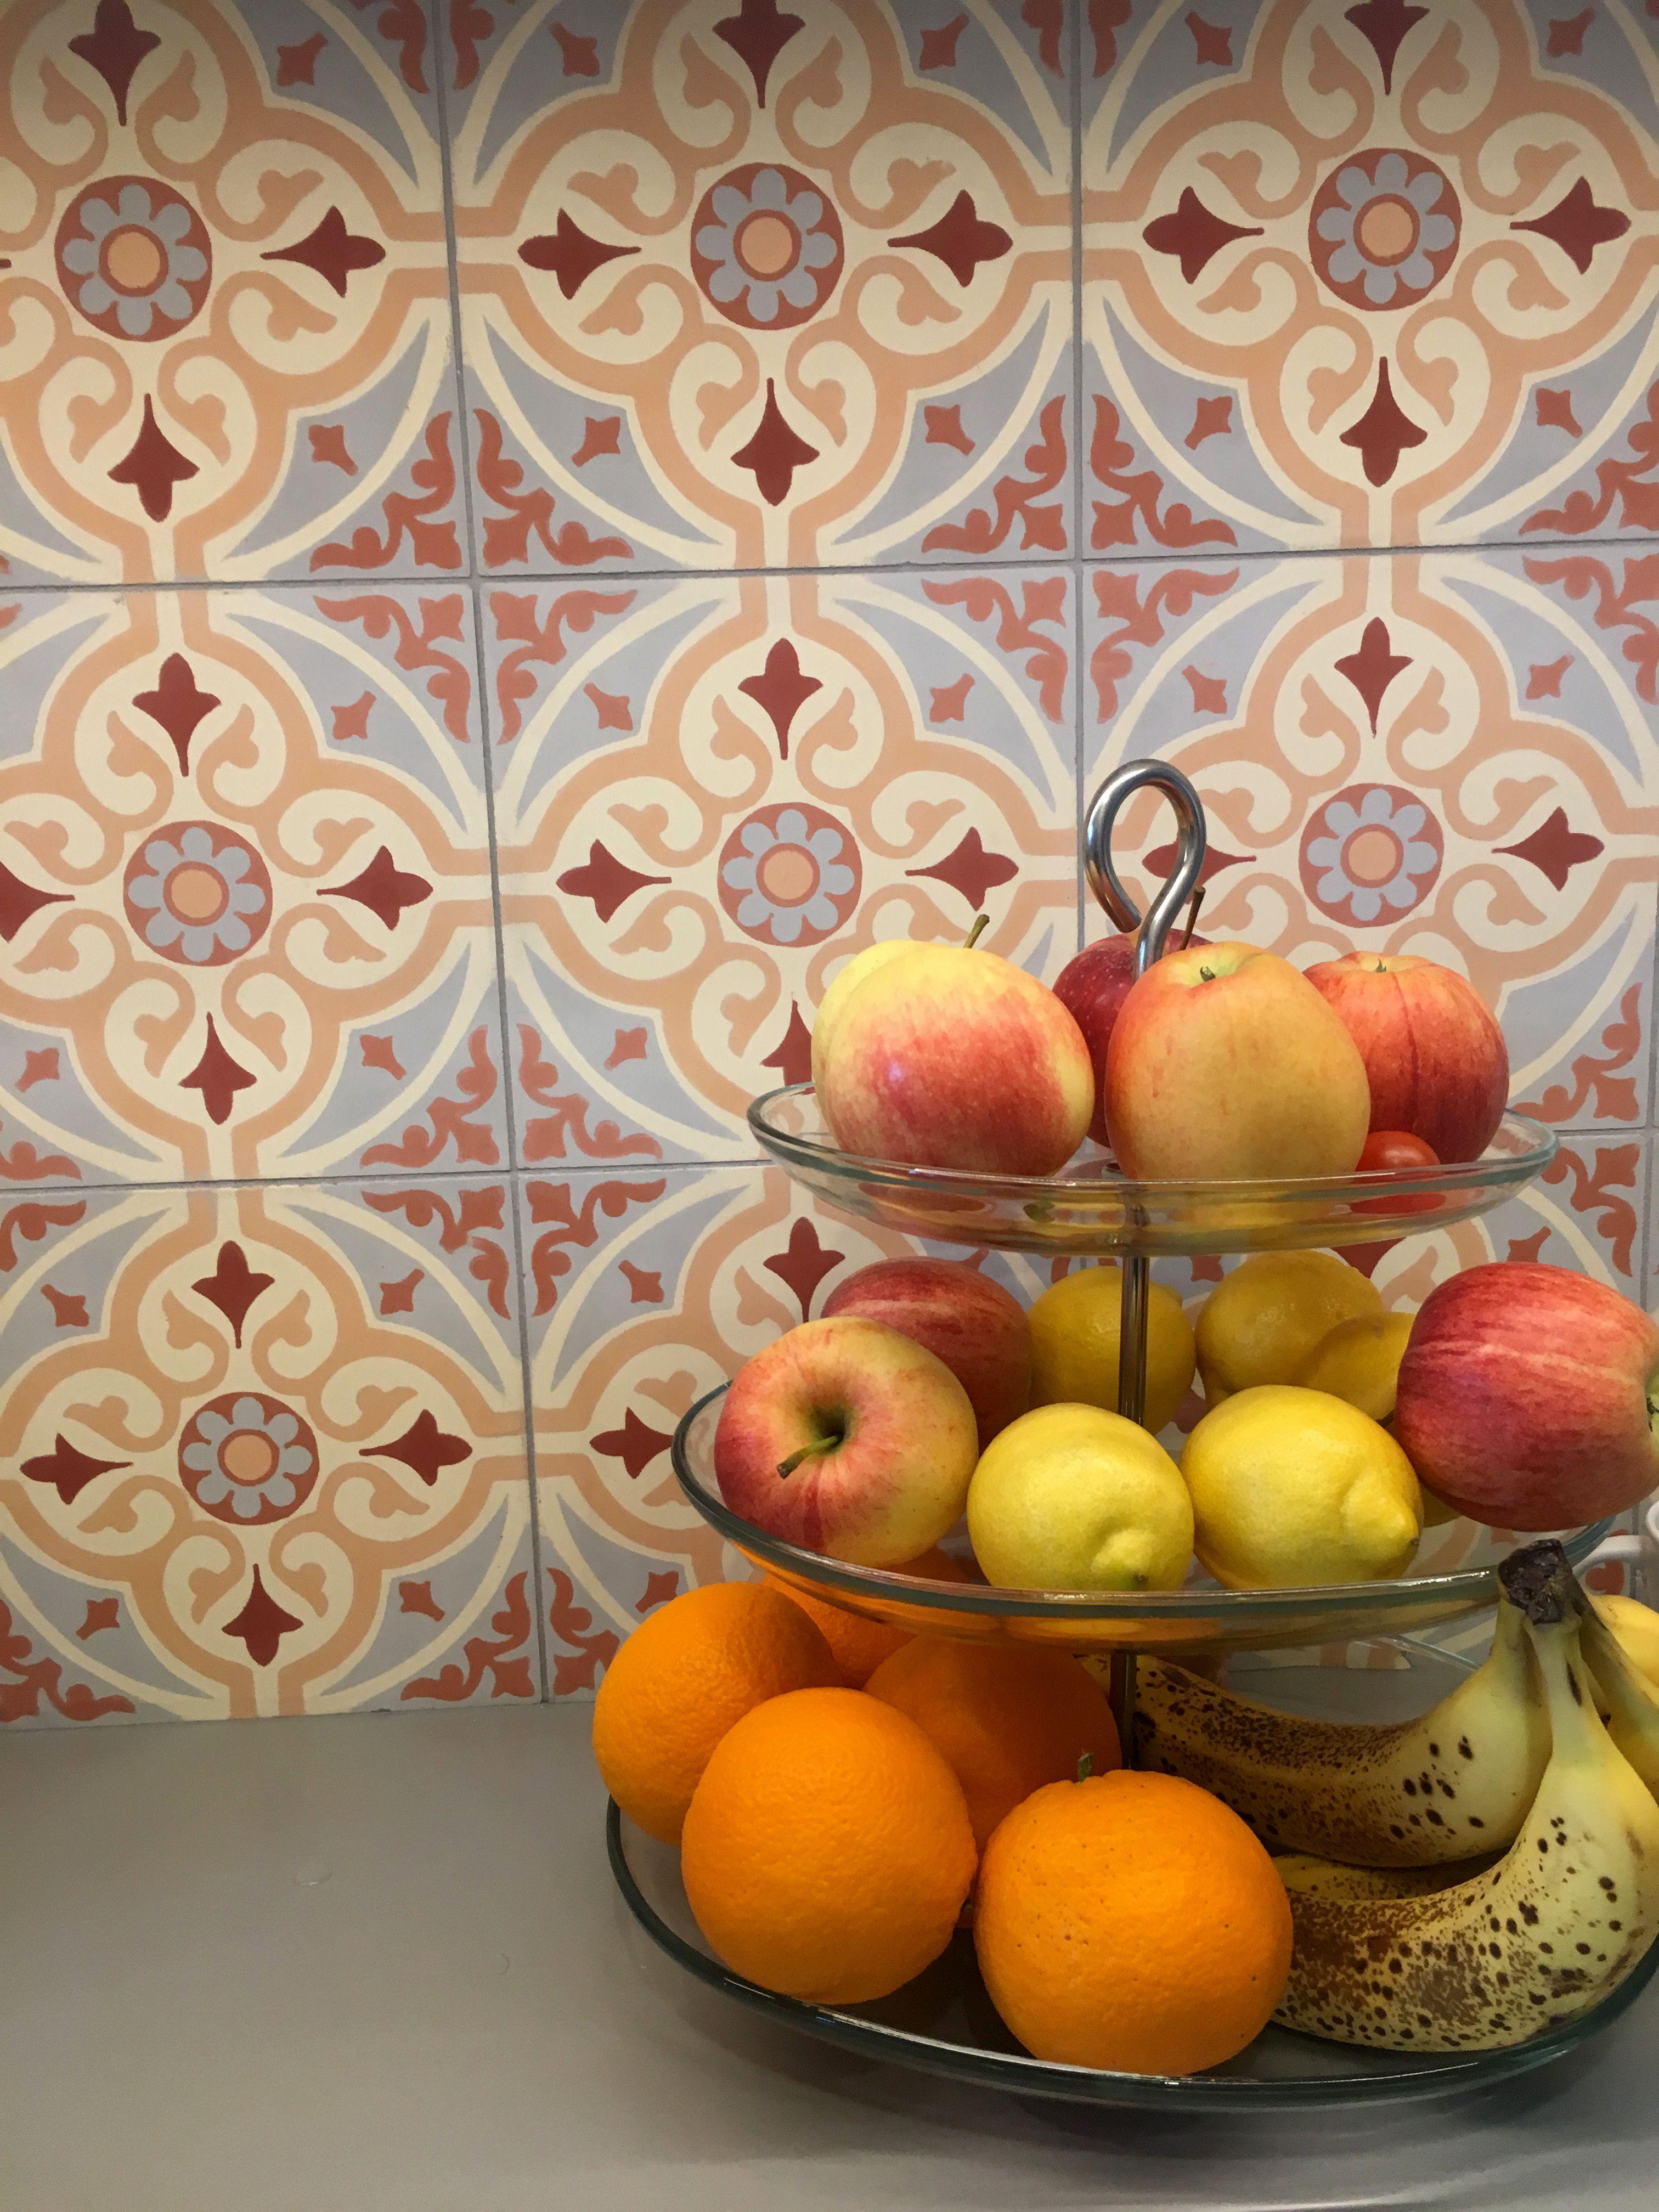 Articima Zementfliesen 4800- Articima cement tiles 4800